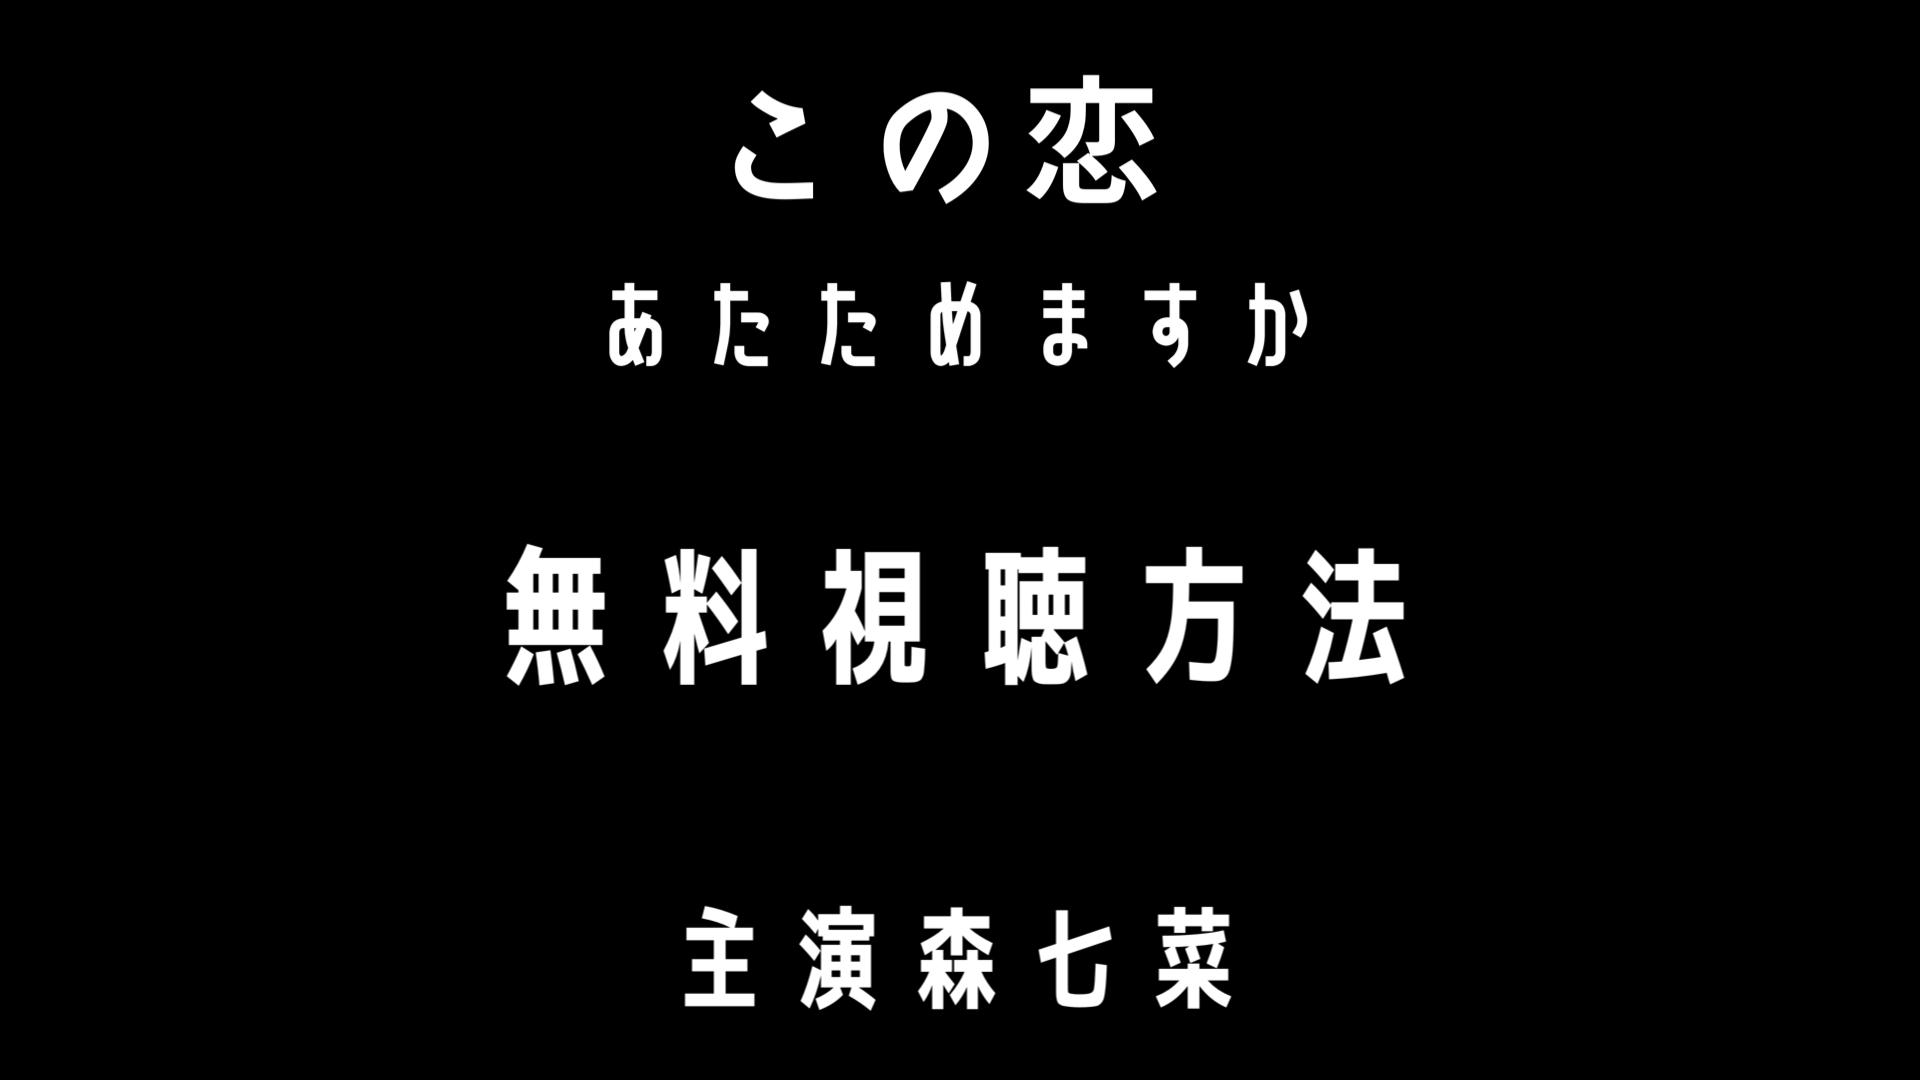 動画 逃げ dailymotion 恥